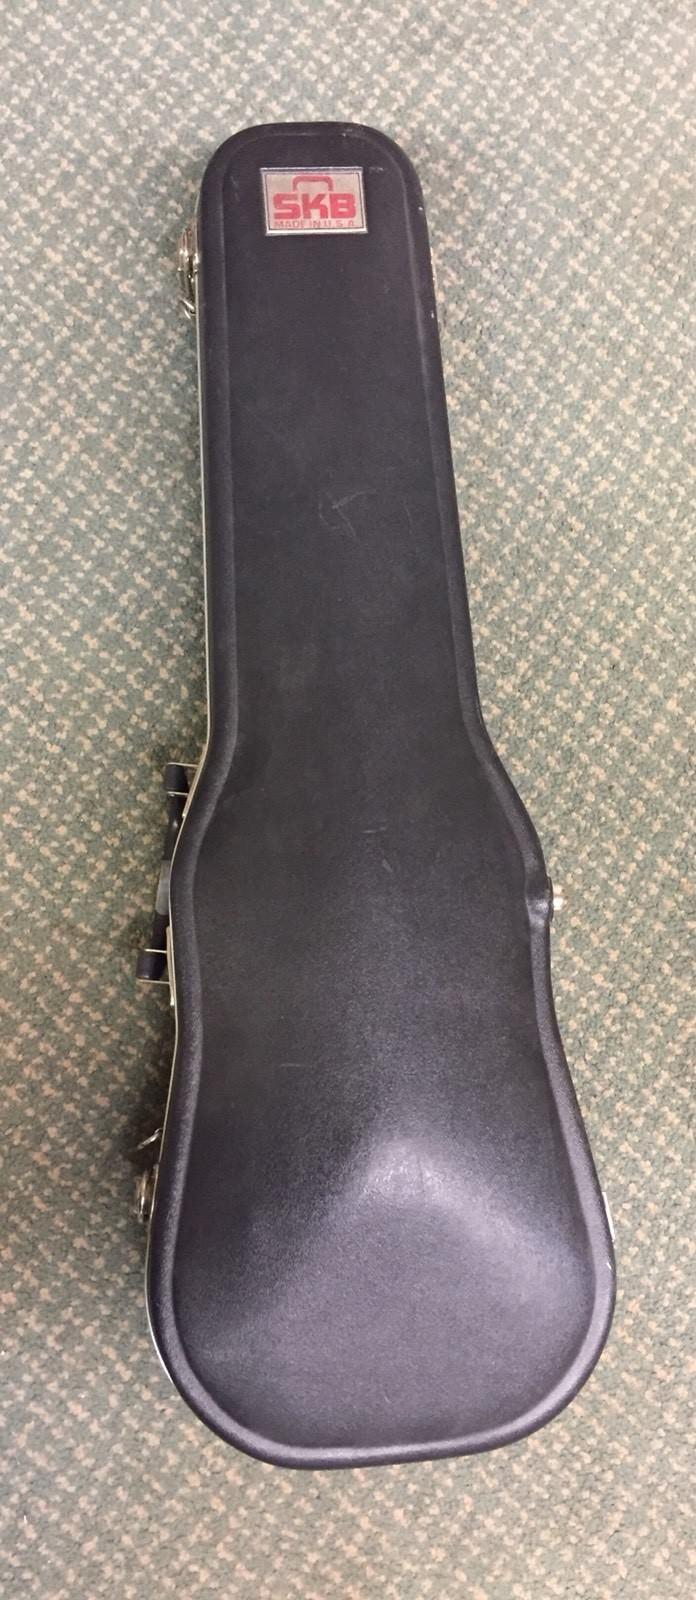 SKB Case for 3 4 Größe Violin